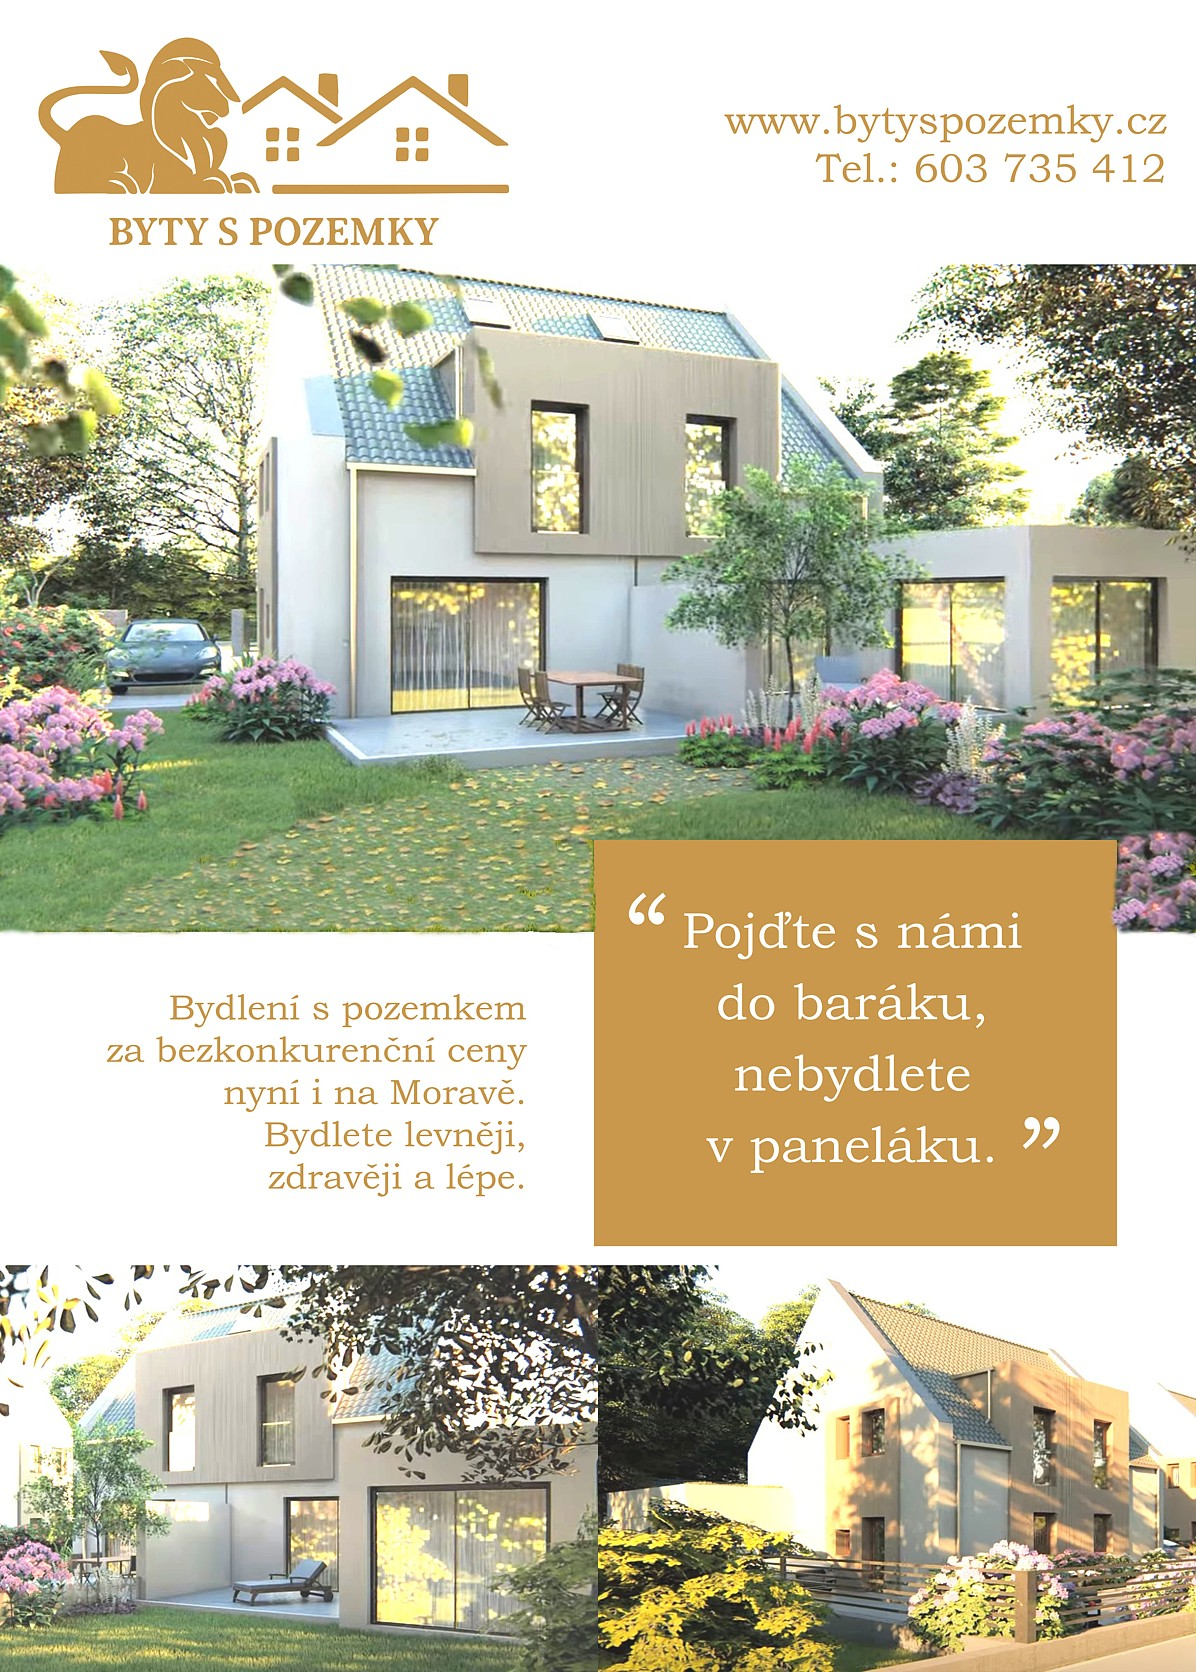 Projekt Byty s pozemky v Olomouci a jeho okolí - nyní v prodeji